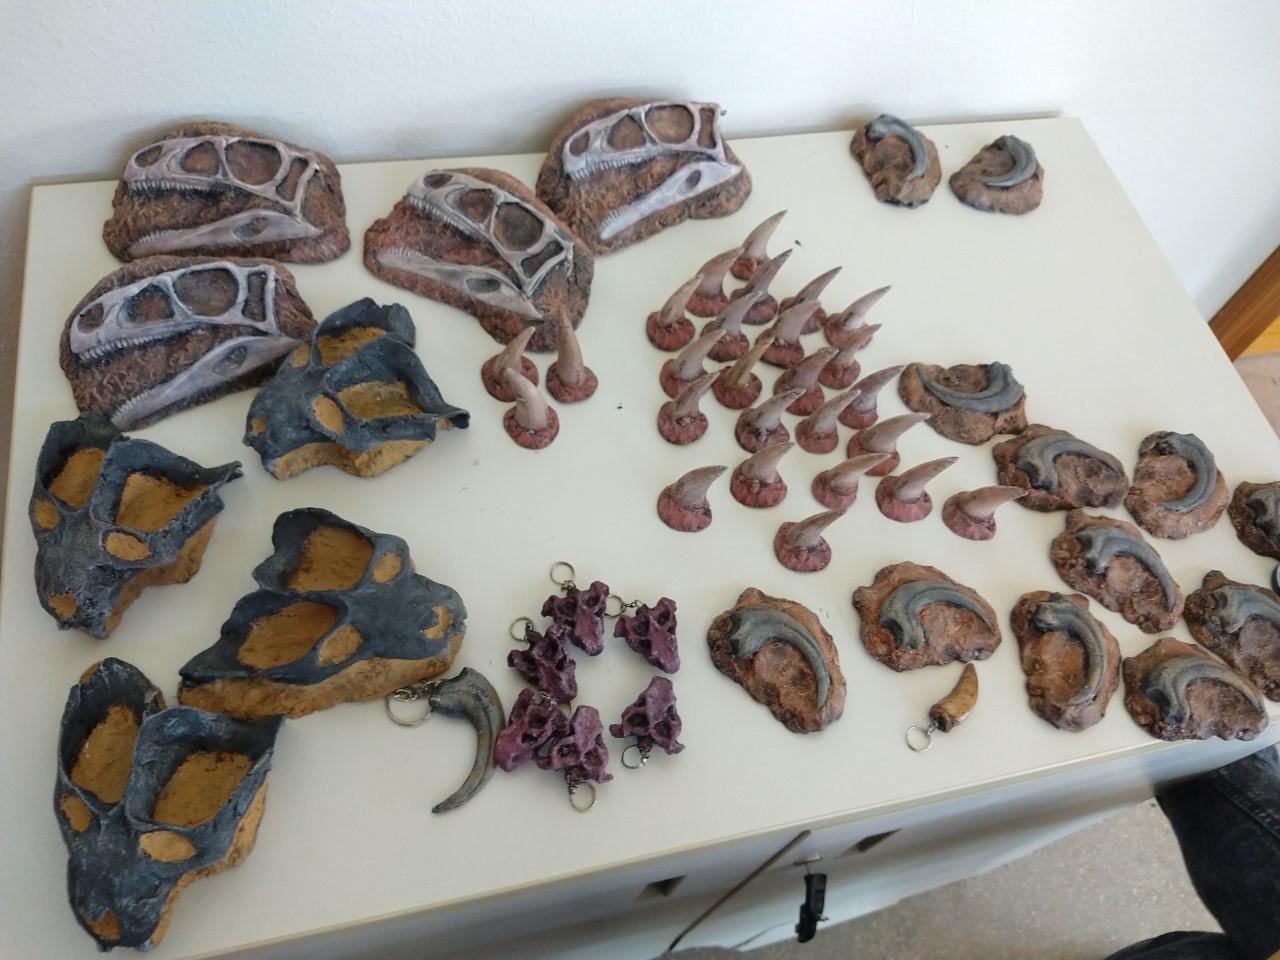 Vários souvenires de fósseis, incluindo chaveiros e réplicas de crânios de dinossauros